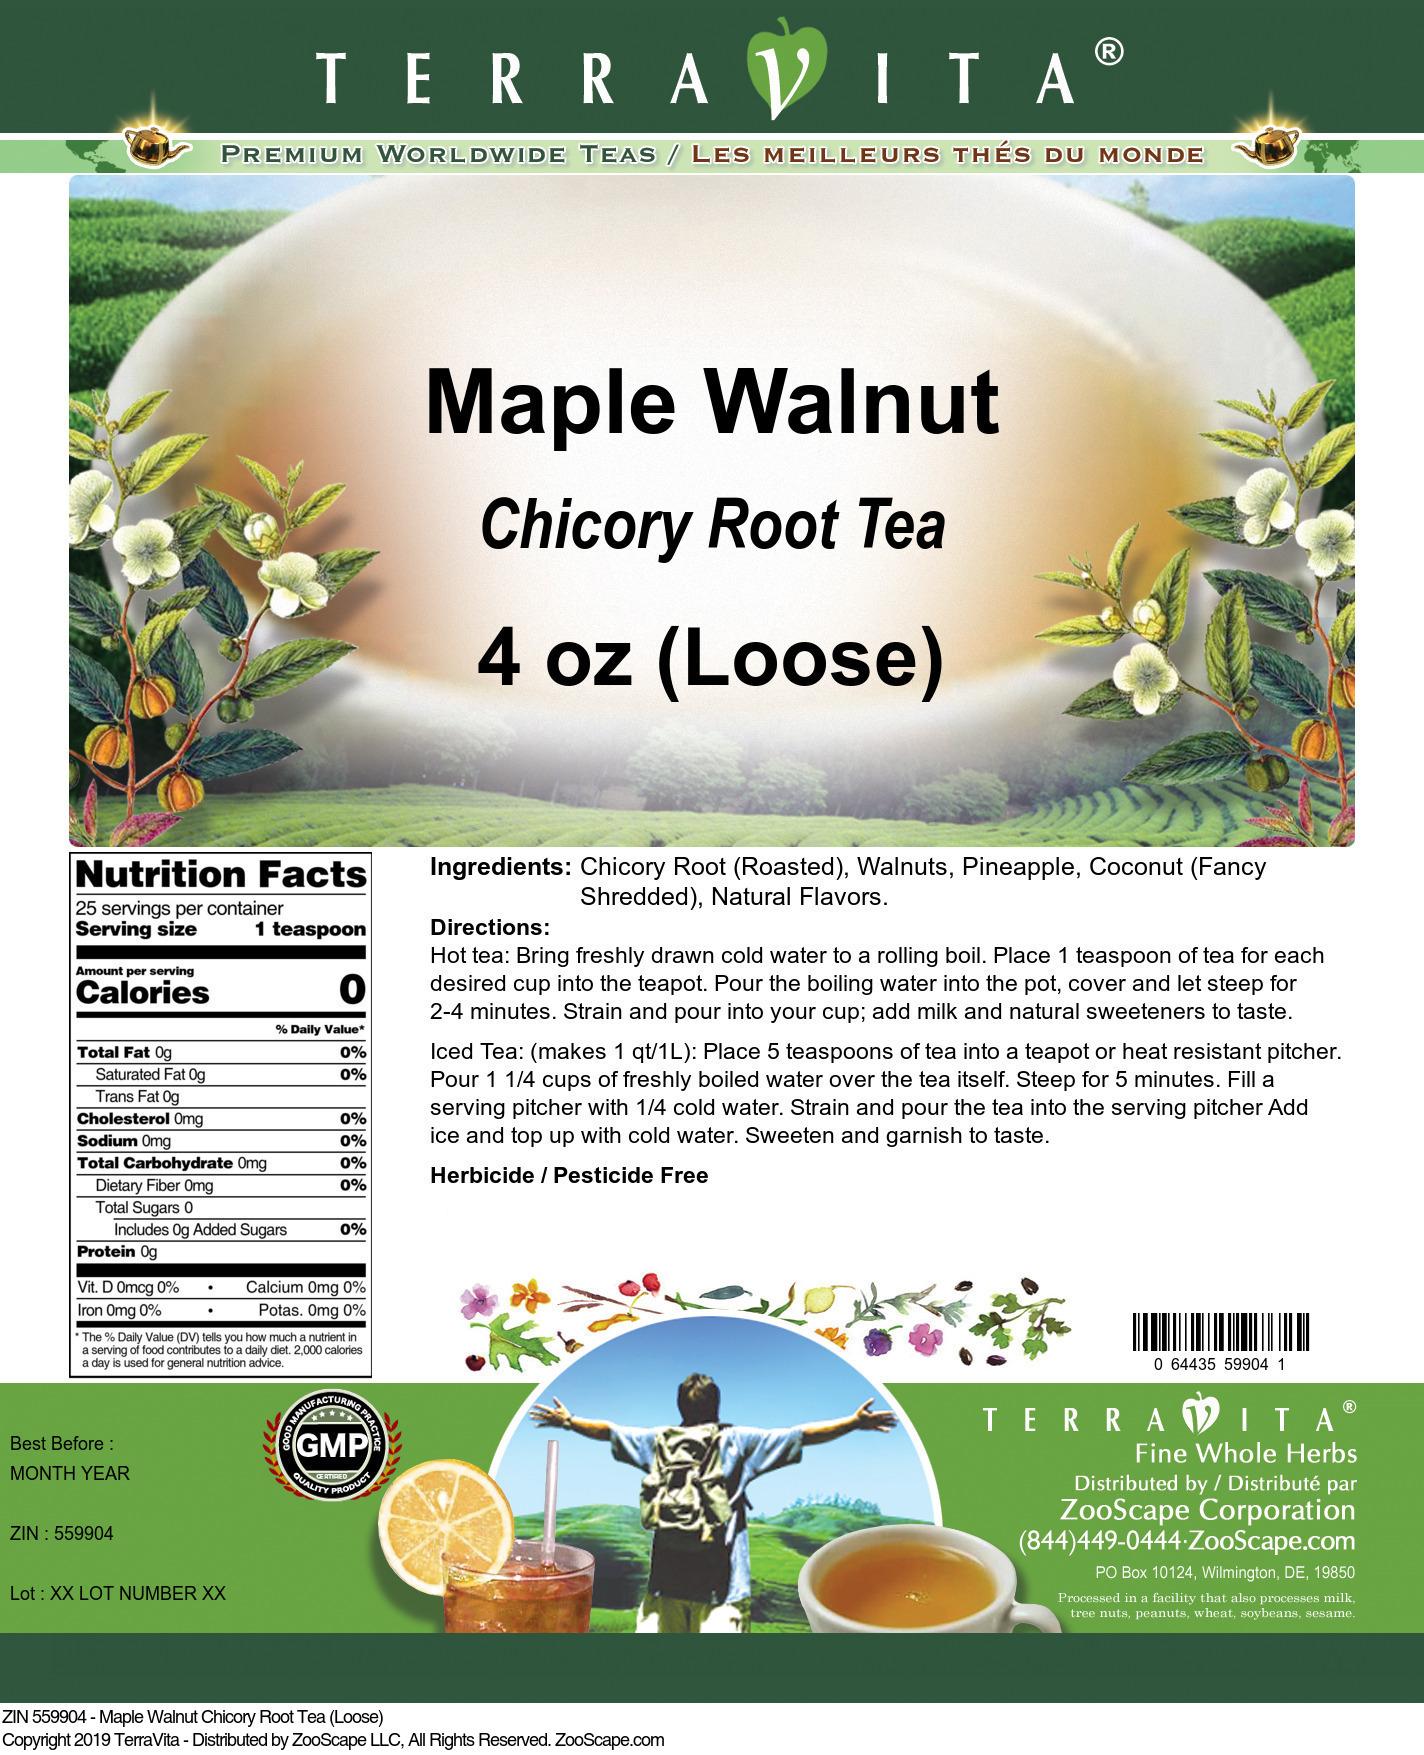 Maple Walnut Chicory Root